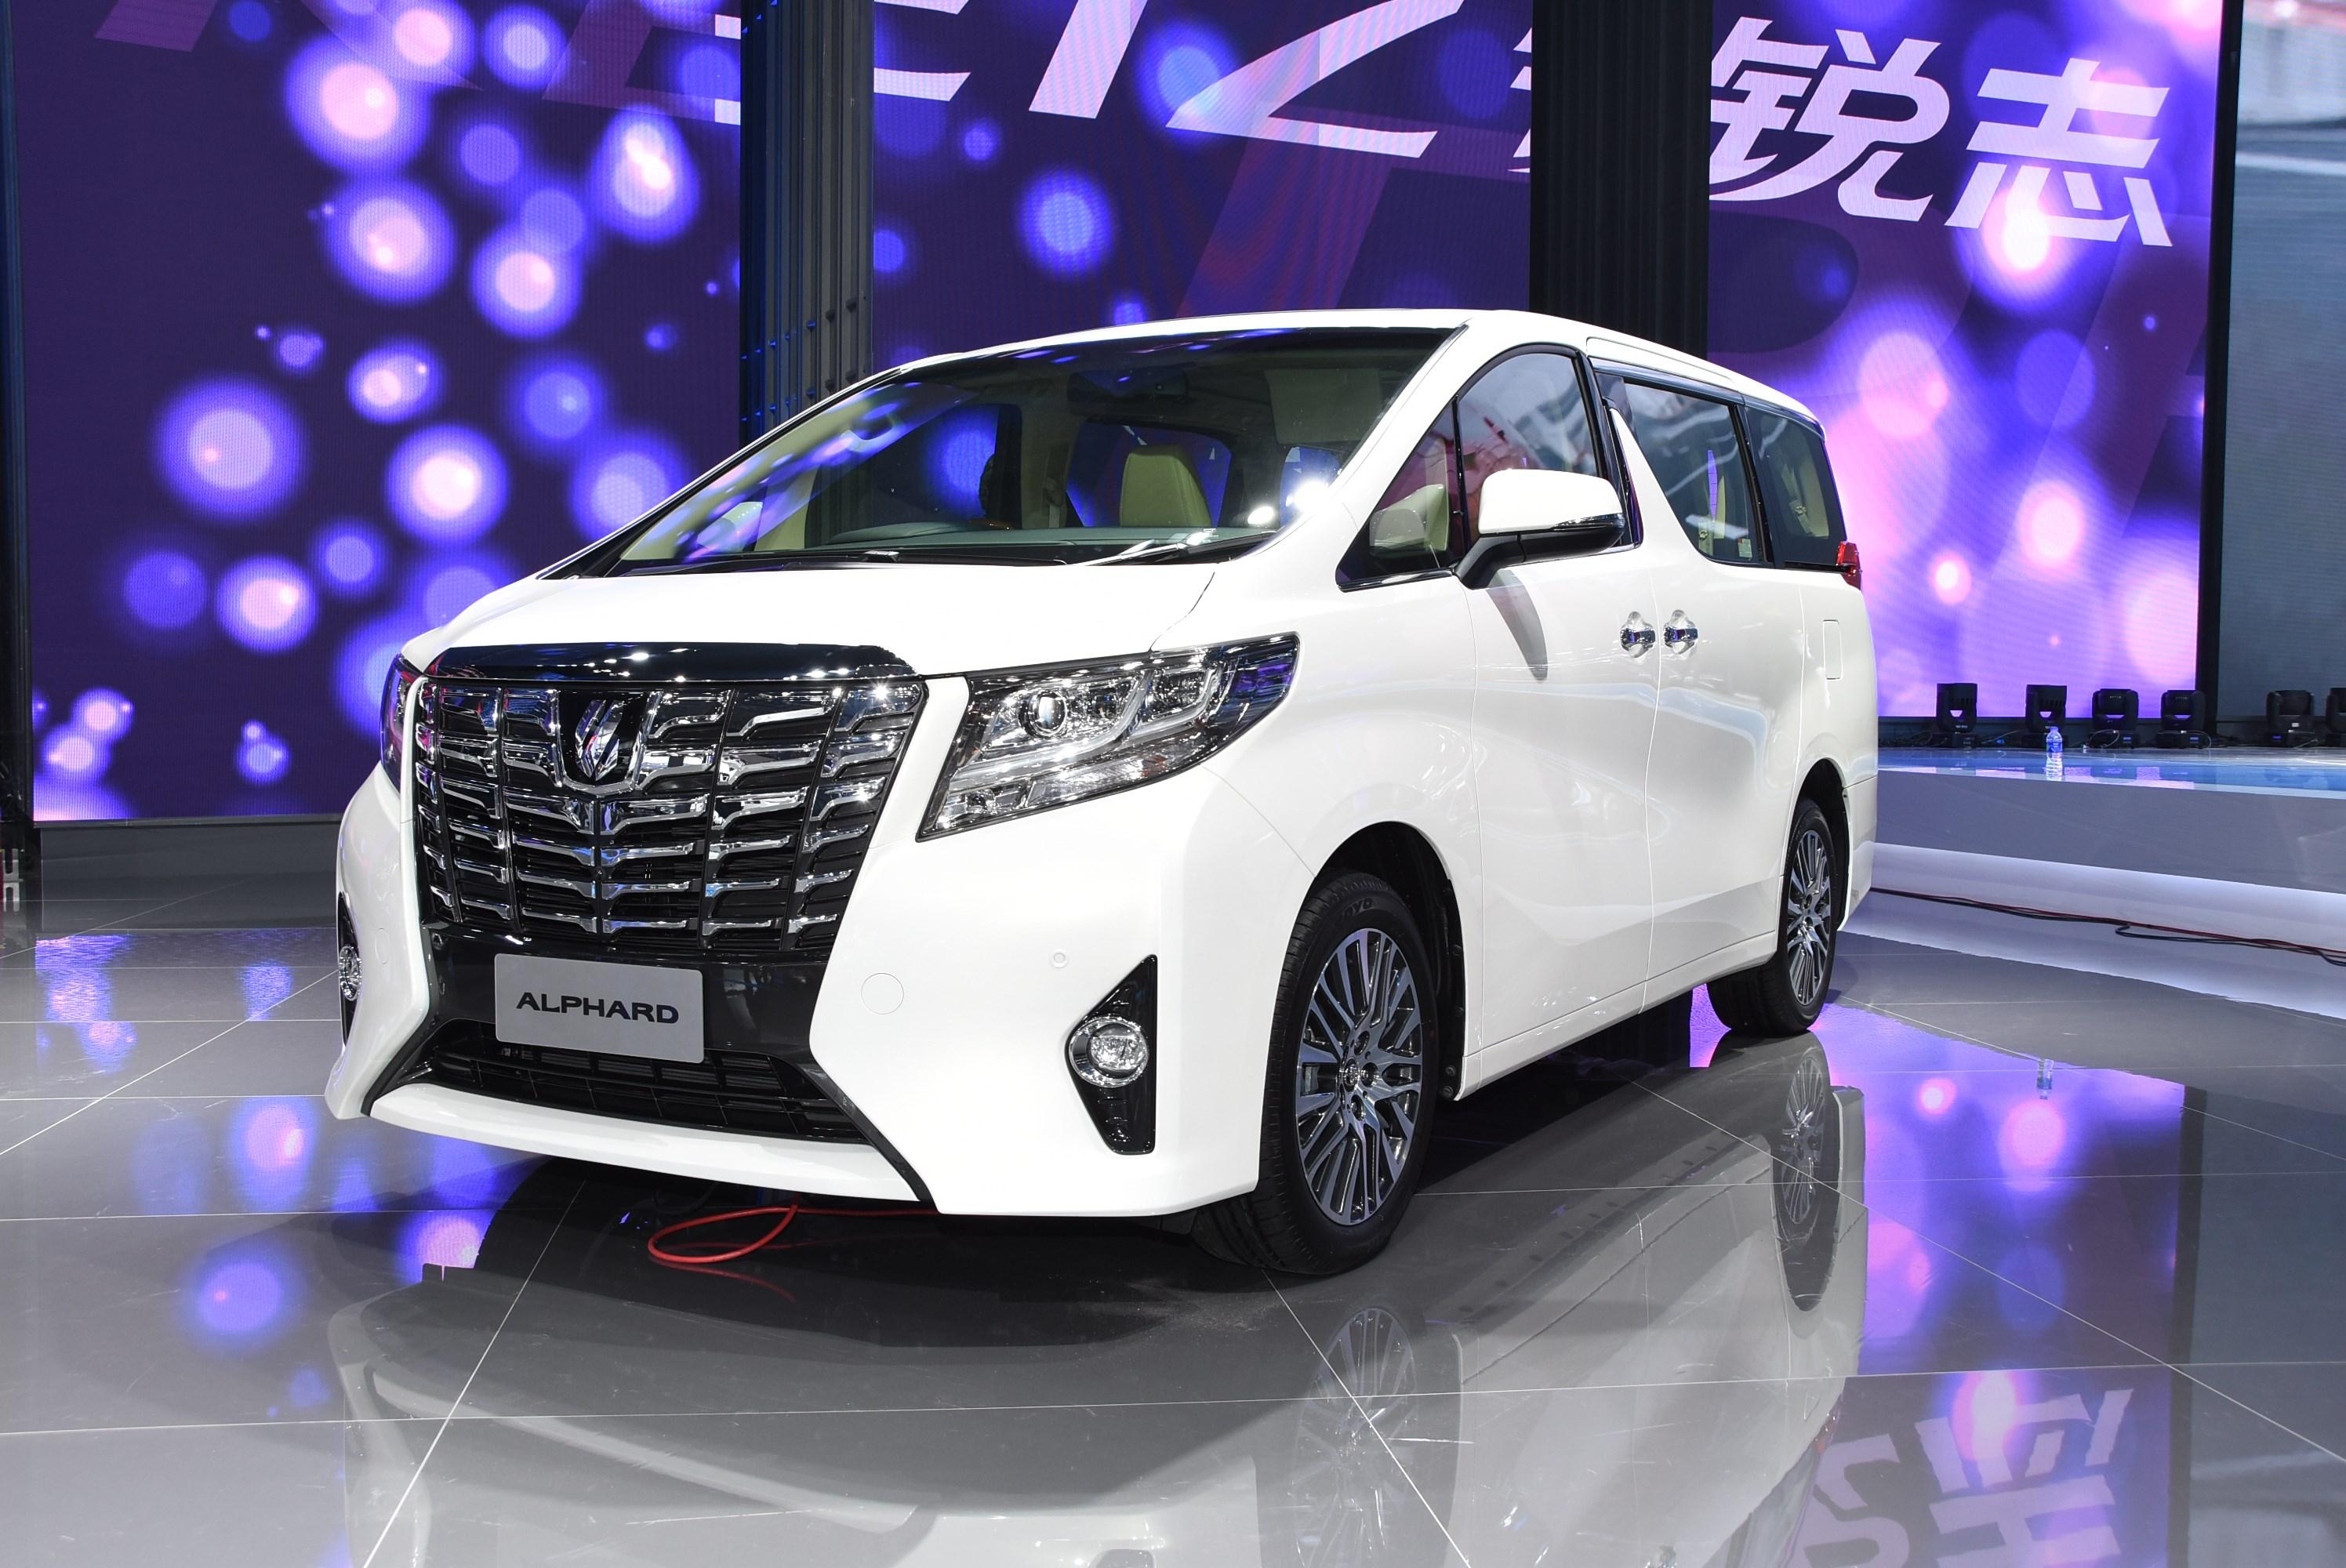 丰田新款埃尔法疑似售价曝光 或售80.9-86.6万元